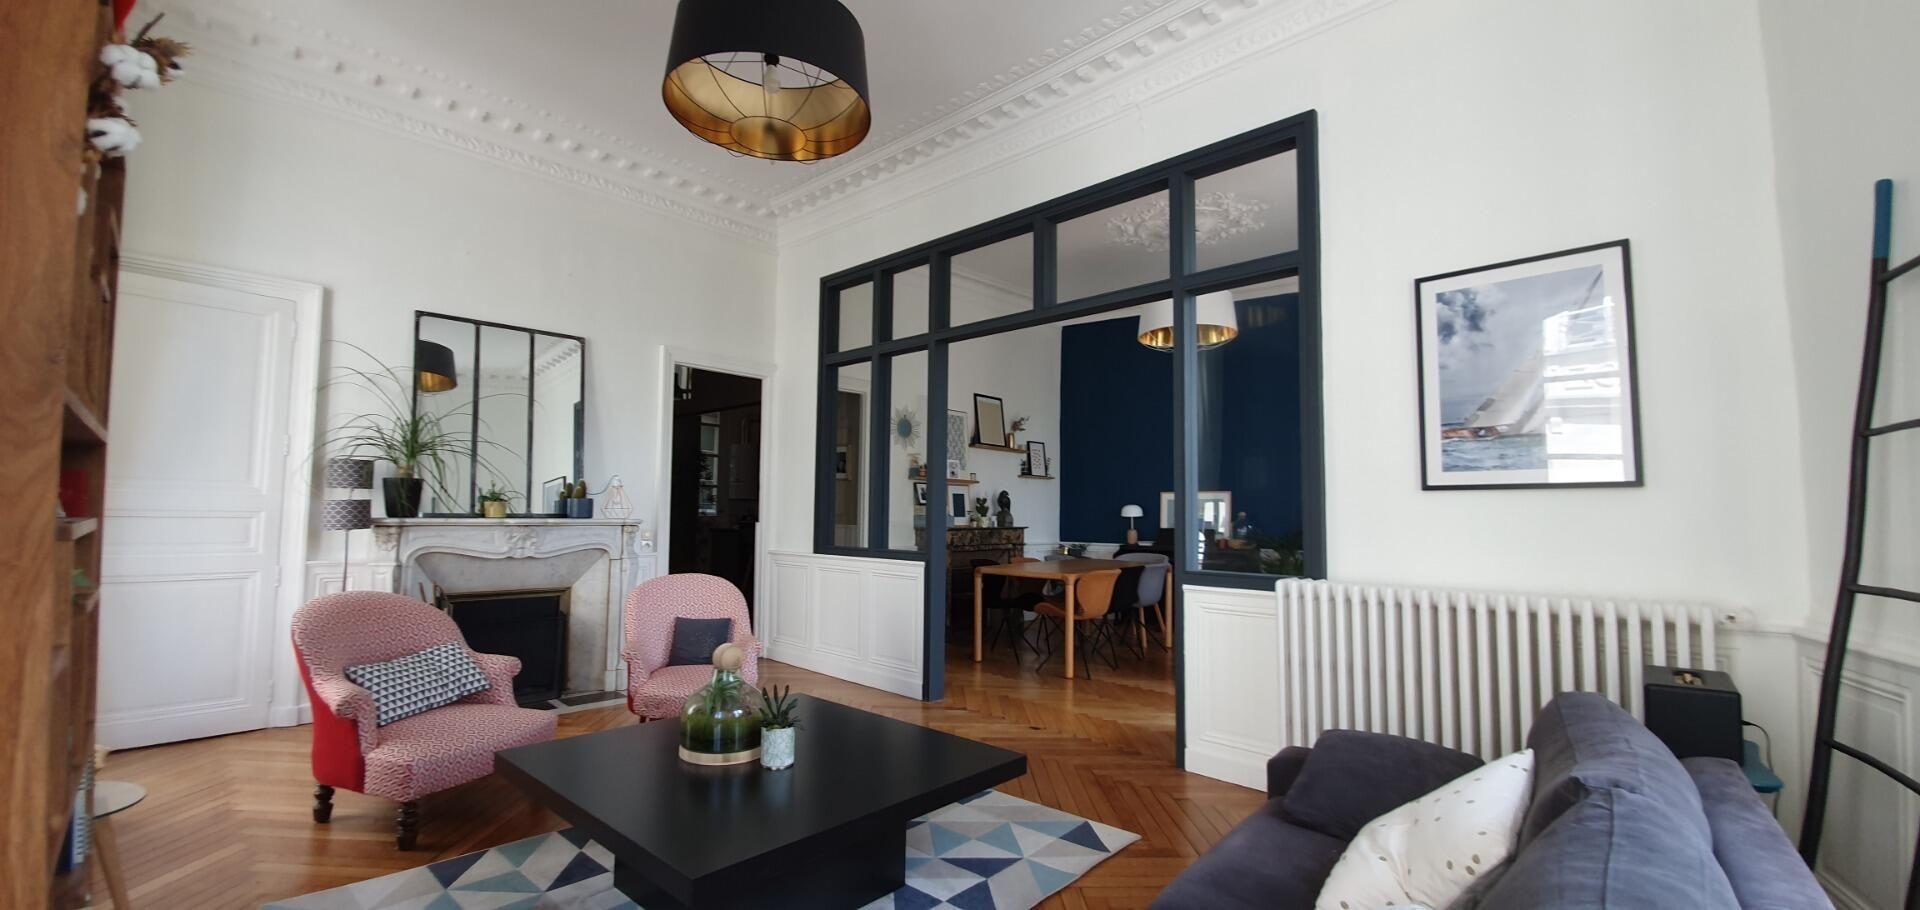 Vente Appartement 5 Pieces Nantes Centre Ville 44000 A Vendre 5 Pieces T5 110 M 555 000 Nantes En 2020 Vente Appartement Appartement Appartement Nantes